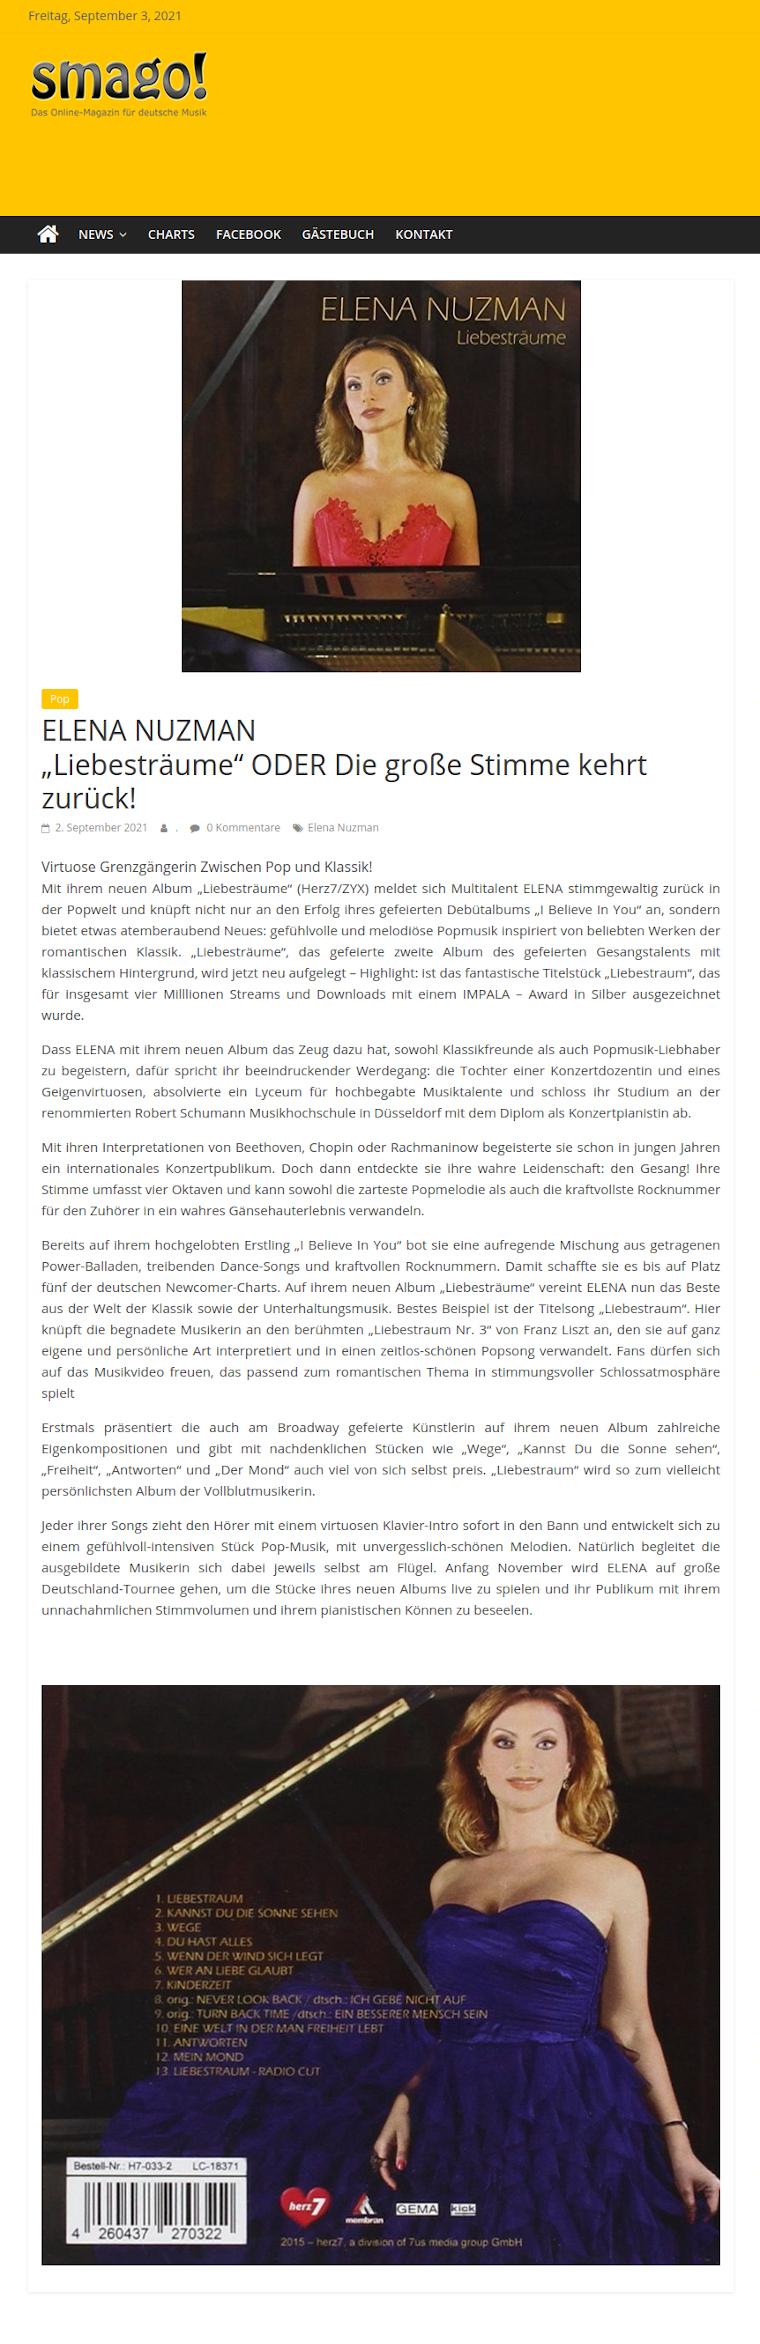 Elena Nuzman - smago.de - September 2021